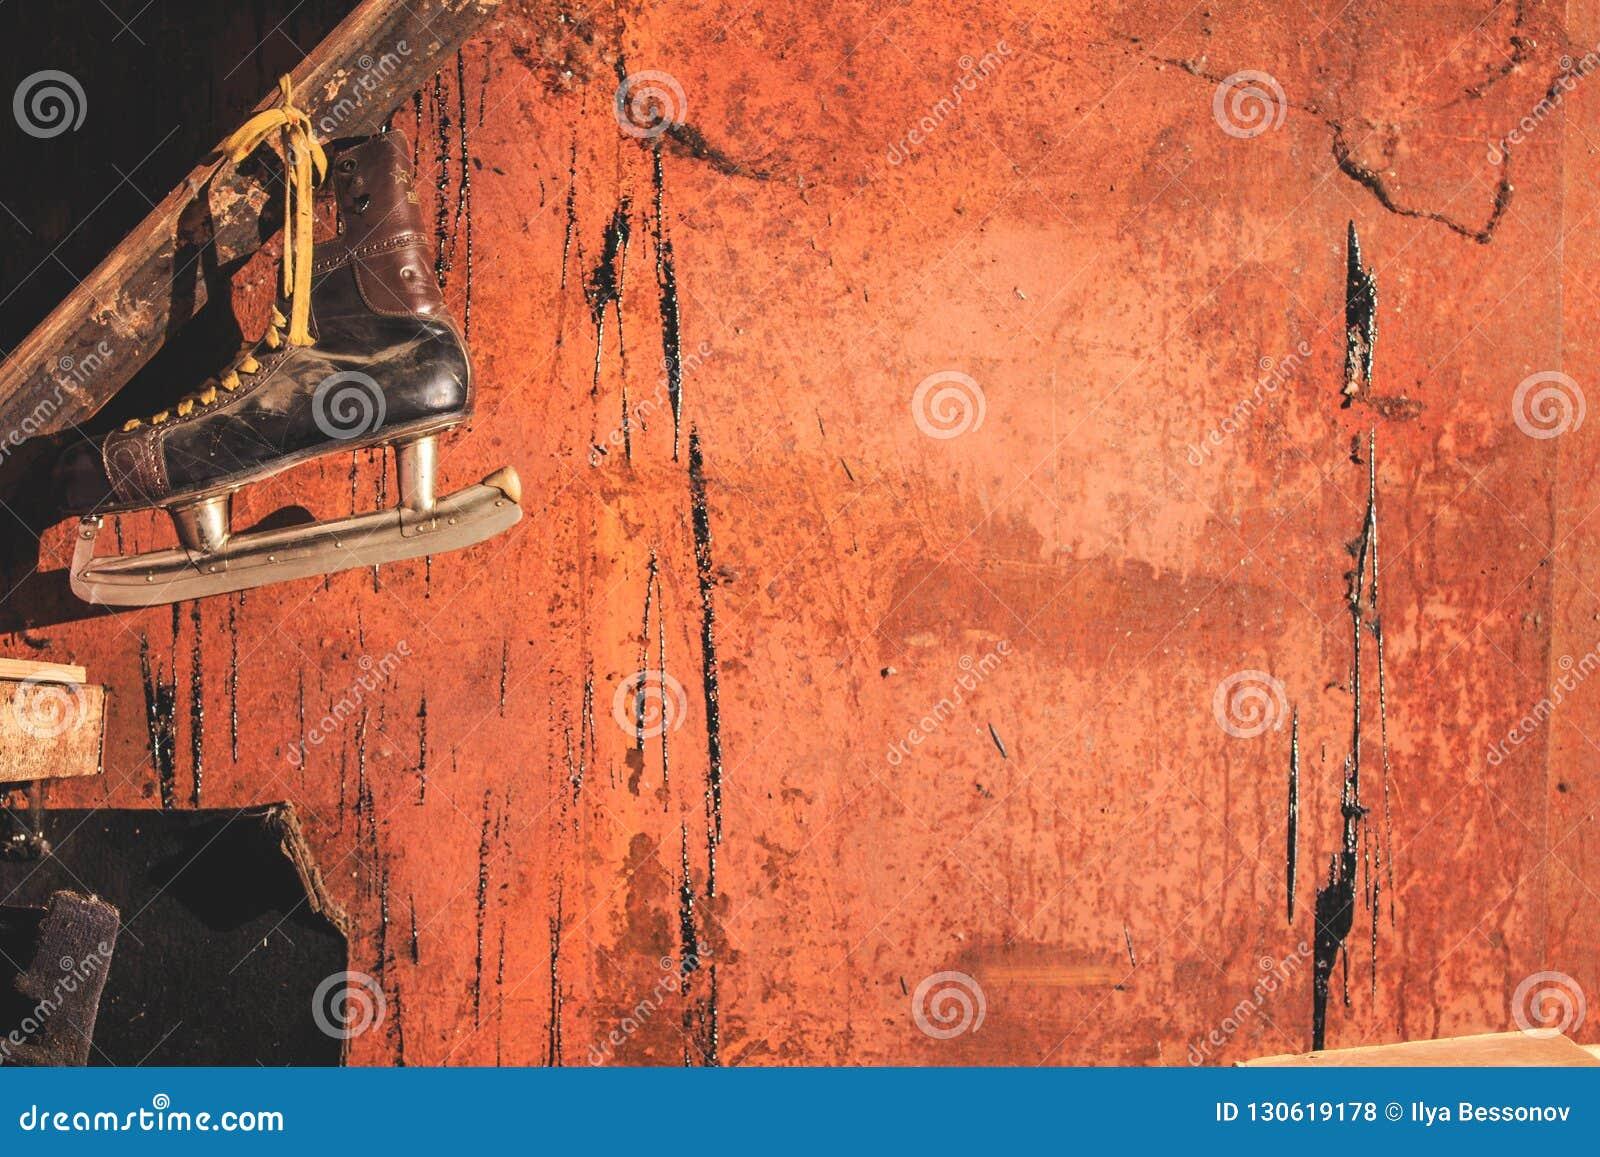 Patins avec une lame pointue dans un garage ensanglanté Veille de la toussaint